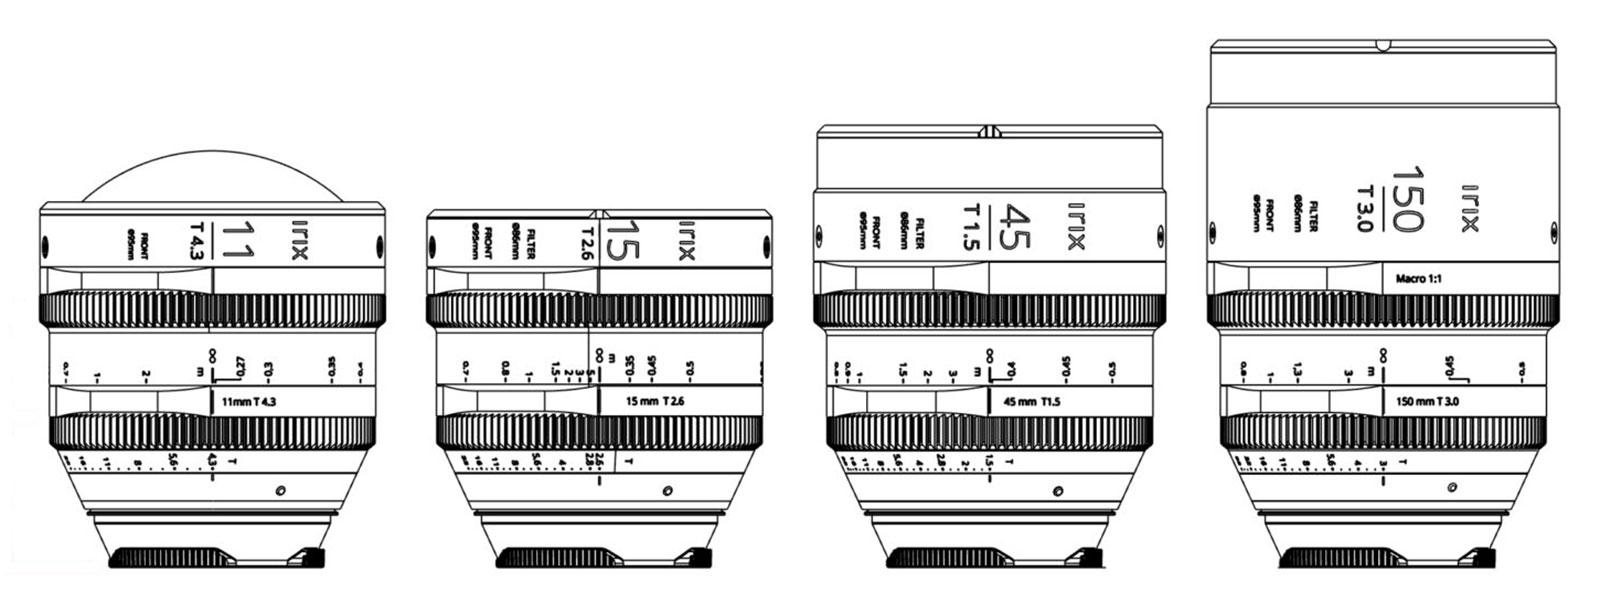 IRIX Cine Lenses